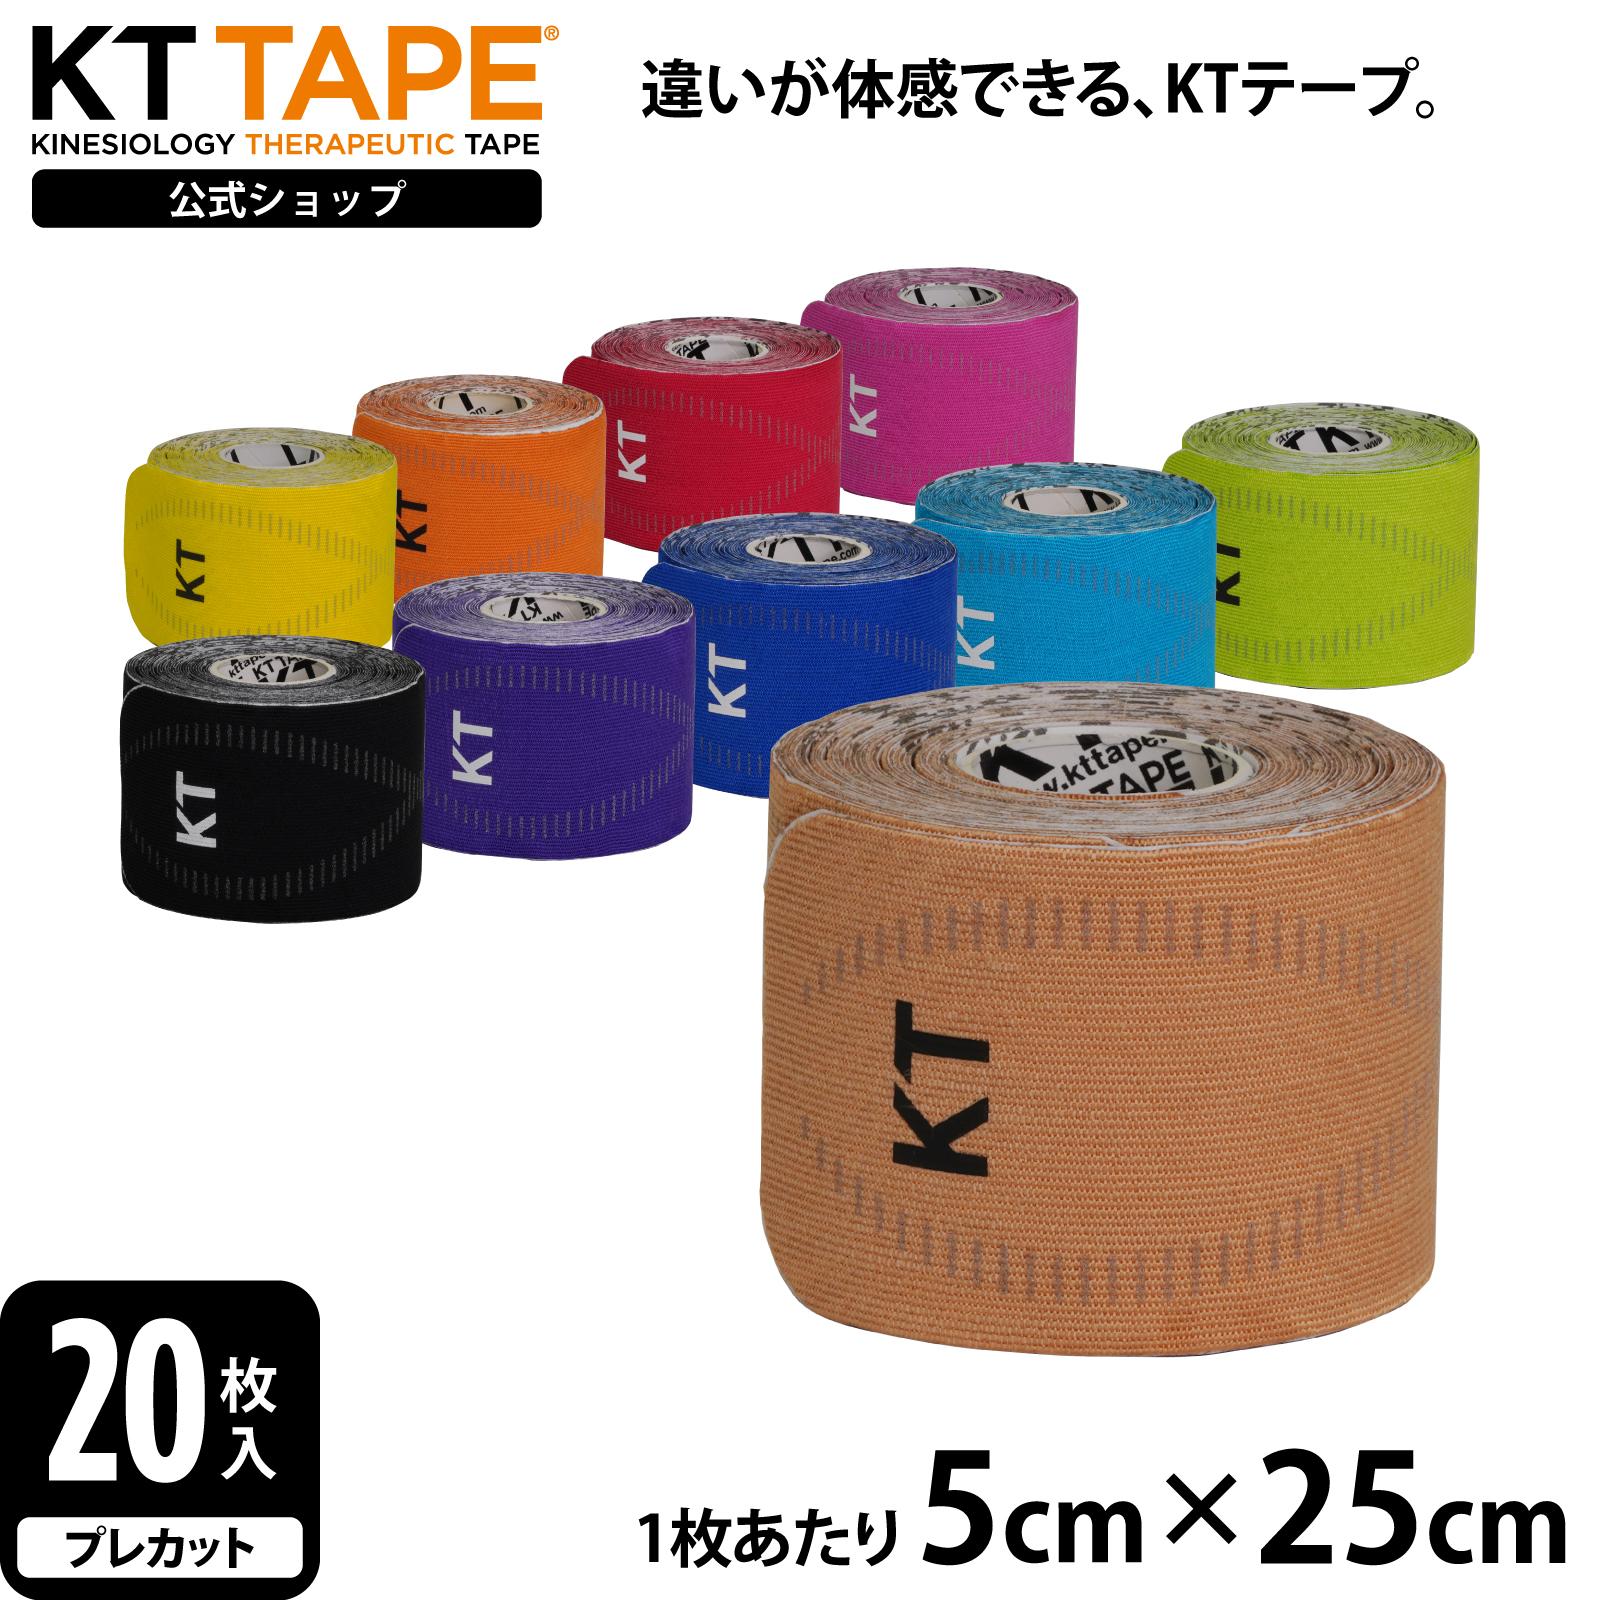 KT TAPE ケイティテープ PRO20 KTPR20 キネシオロジーテープ テーピング 合成繊維 超人気 粘着 伸びる 長持ち ランニング ゴルフ 毎日がバーゲンセール 力 しなやか スポーツ 耐久性 しわになりにくい サポート